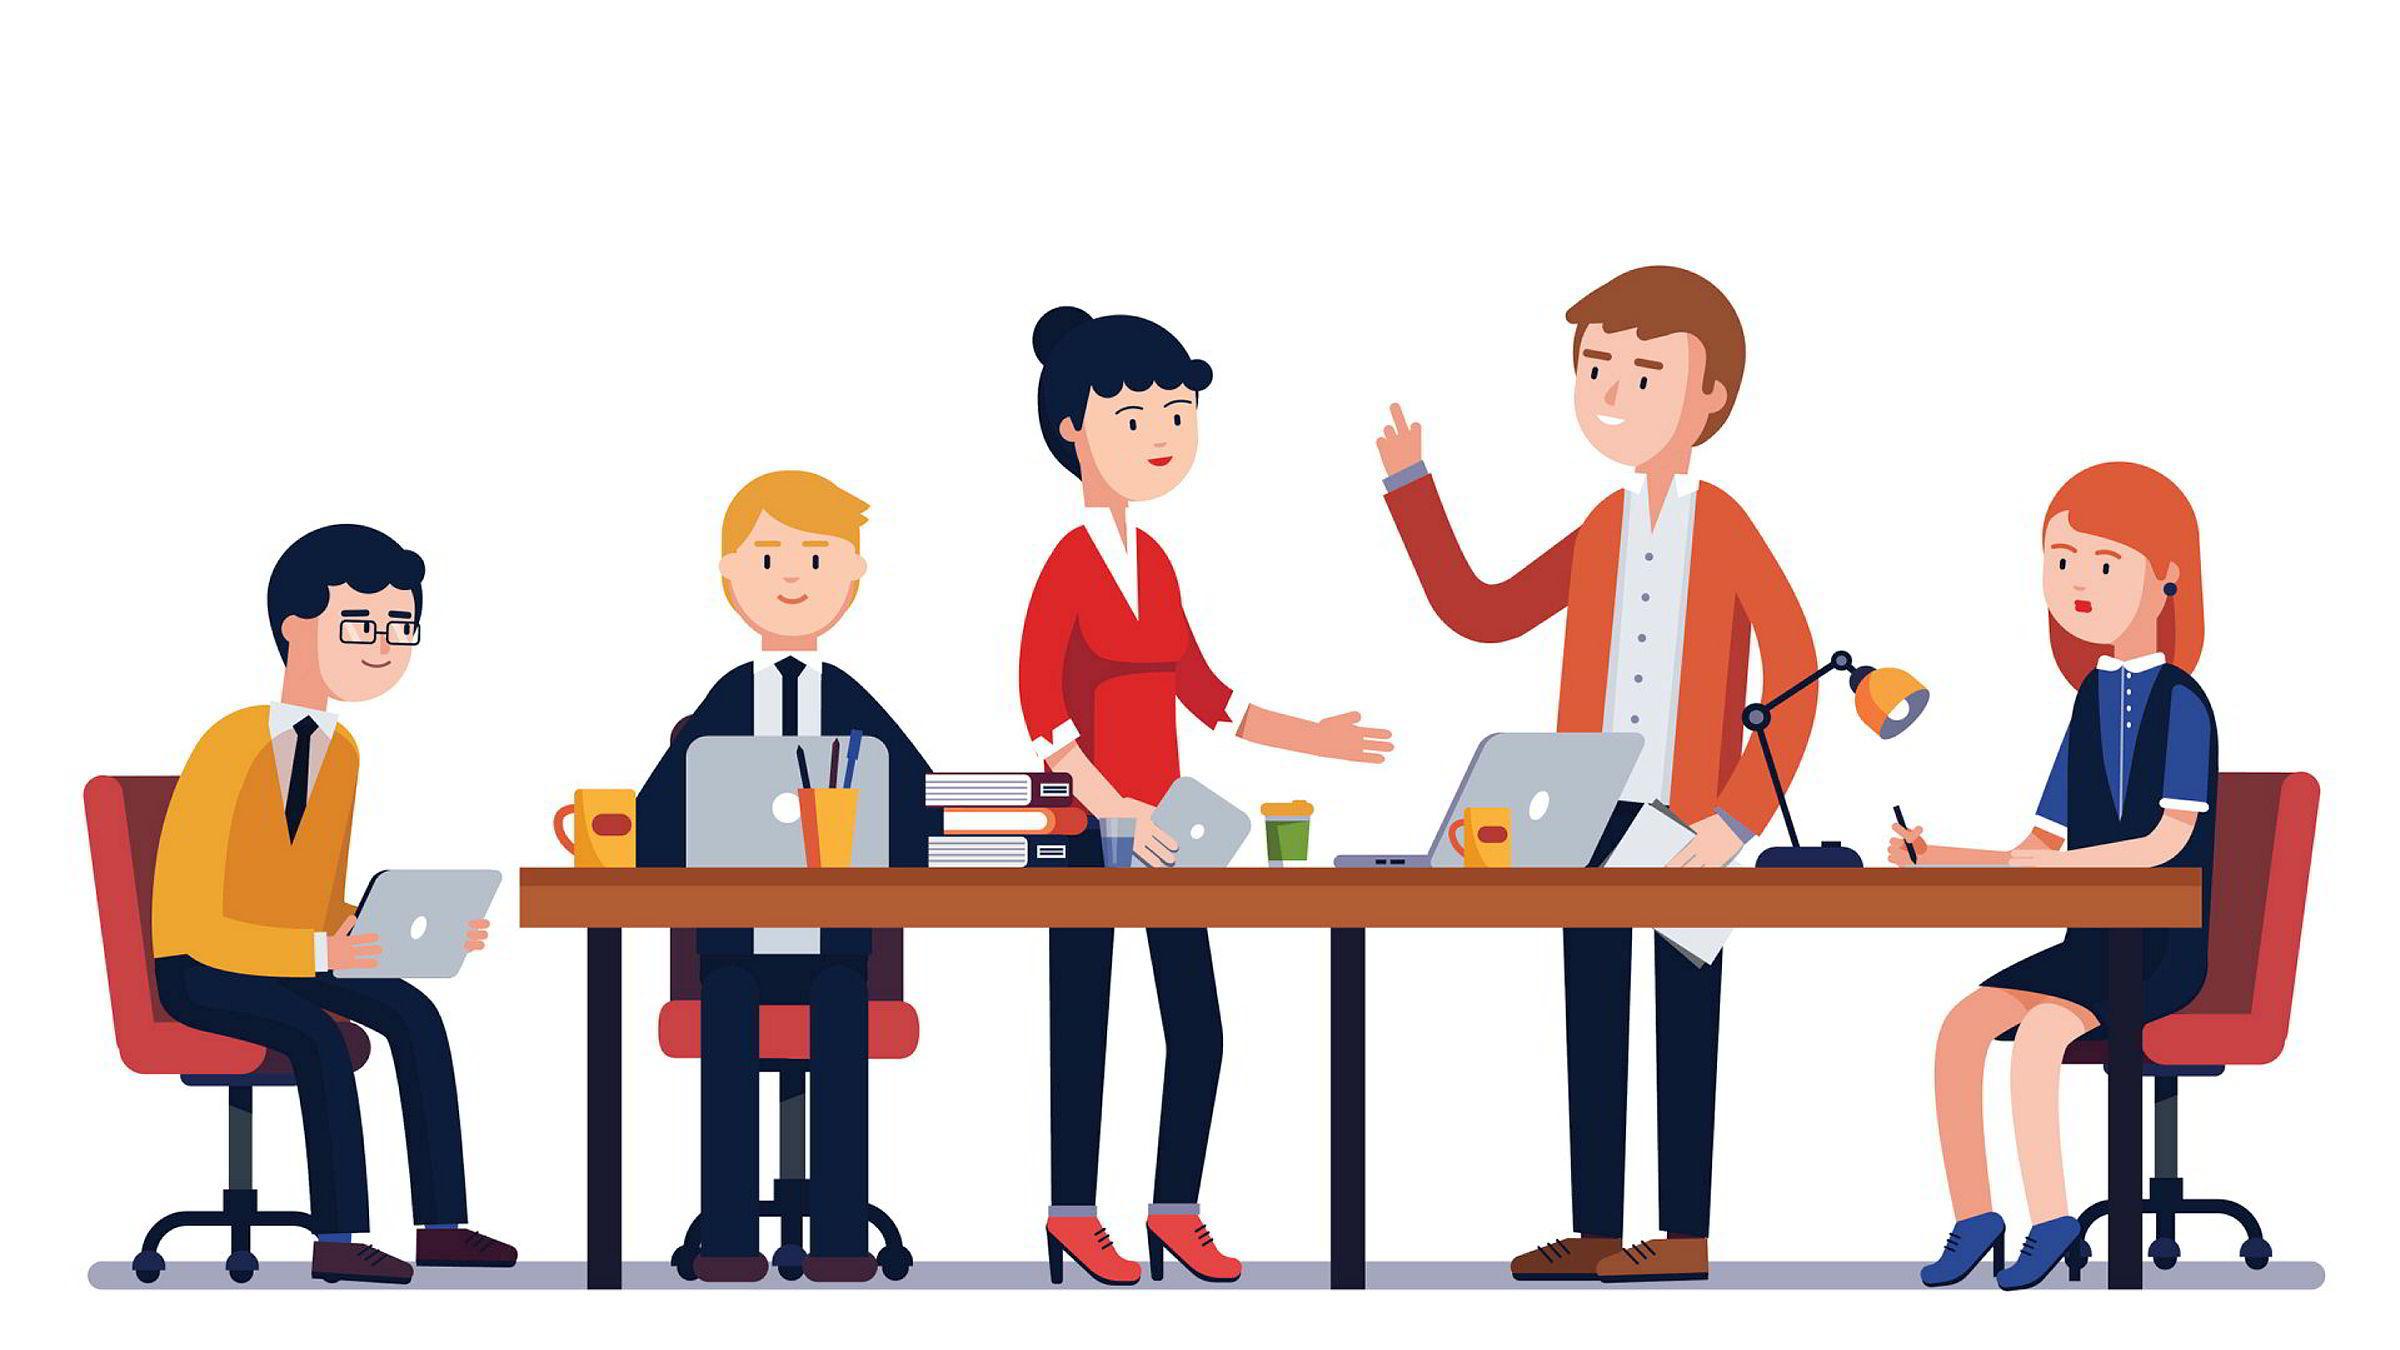 Motivasjon er flerdimensjonal og situasjonsavhengig. Arbeidstagere er sjelden enten bare indre eller ytre motivert.